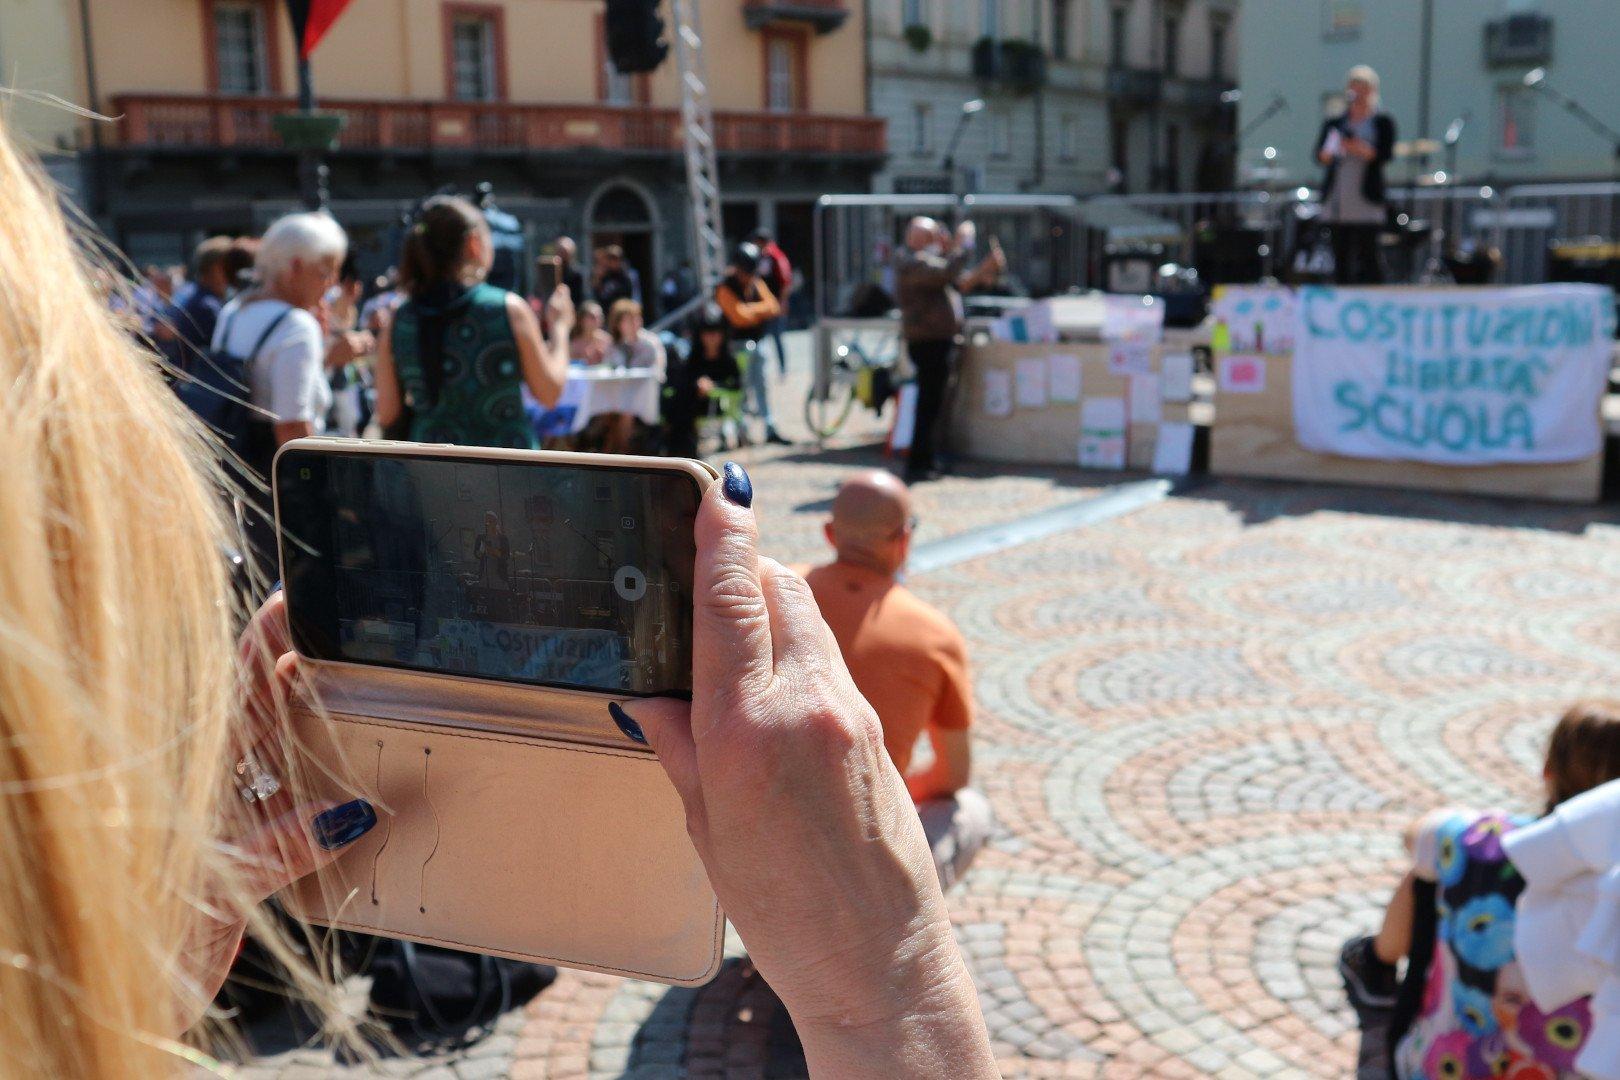 La manifestazione 'no dad' dei novax ad Aosta